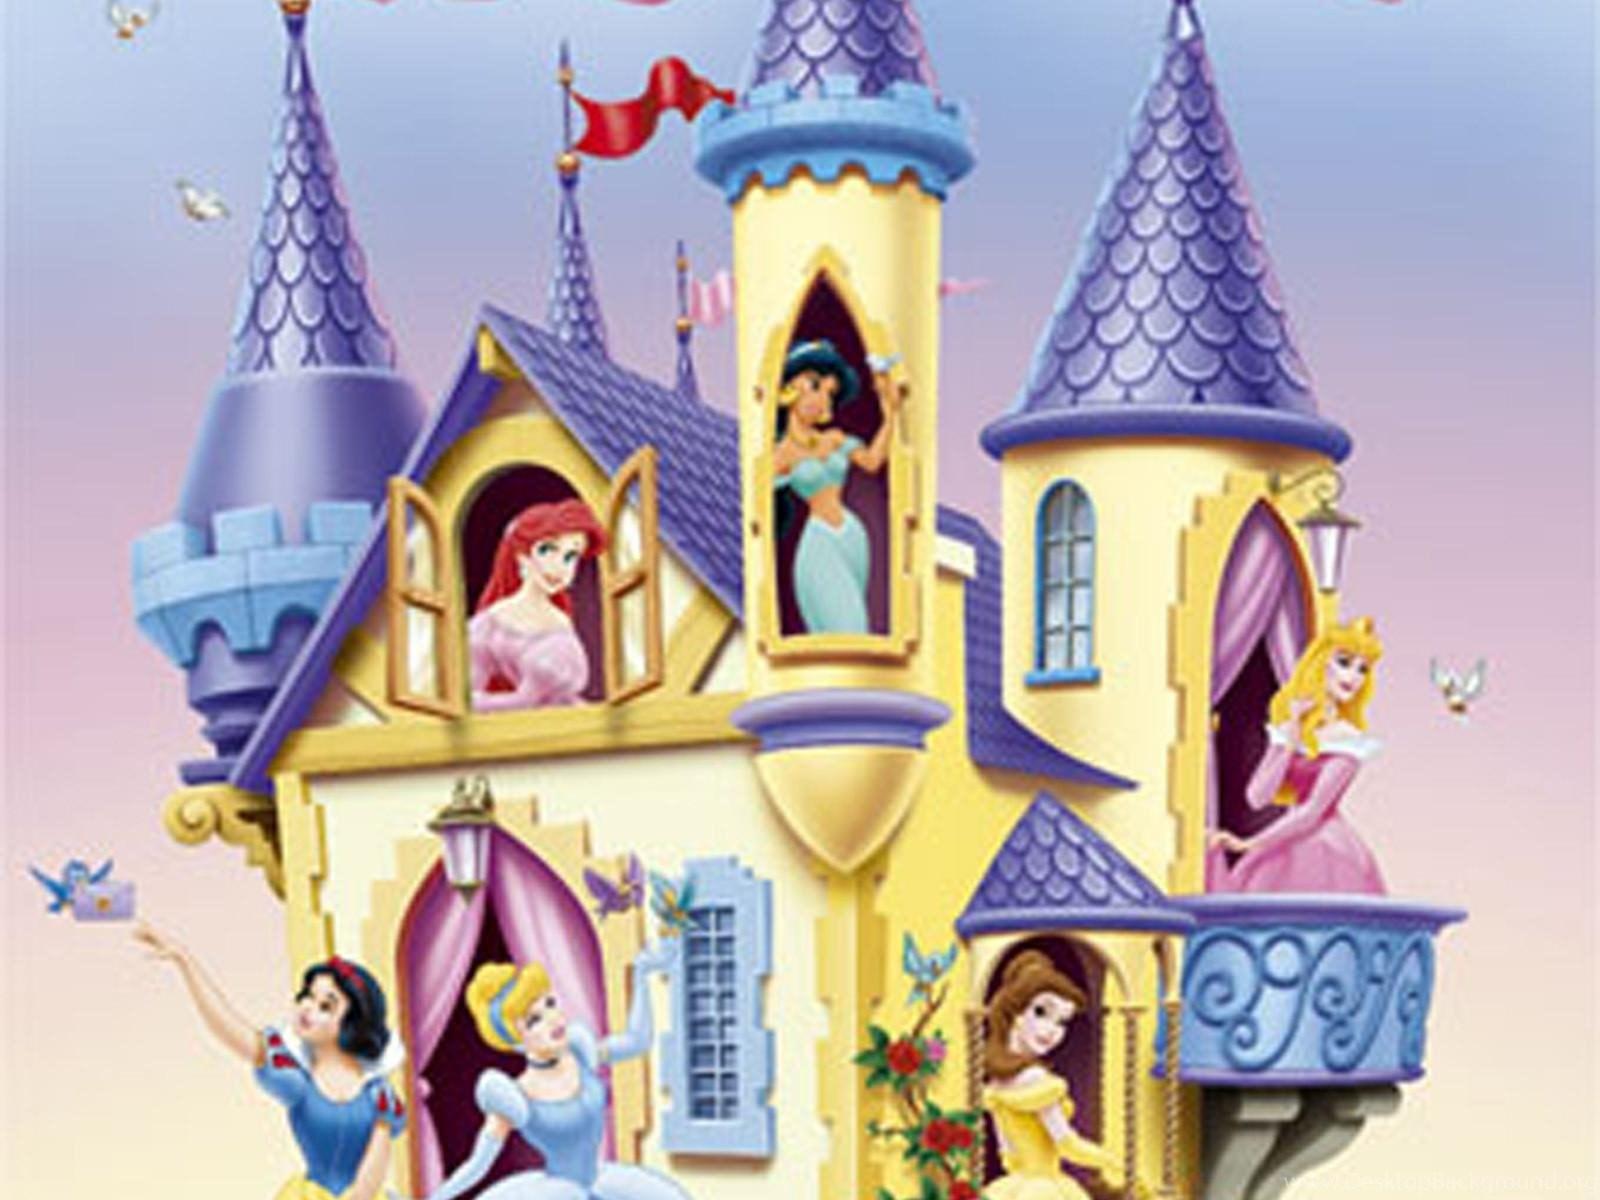 Wallpapers For Disney Princess Castle Backgrounds Desktop Background